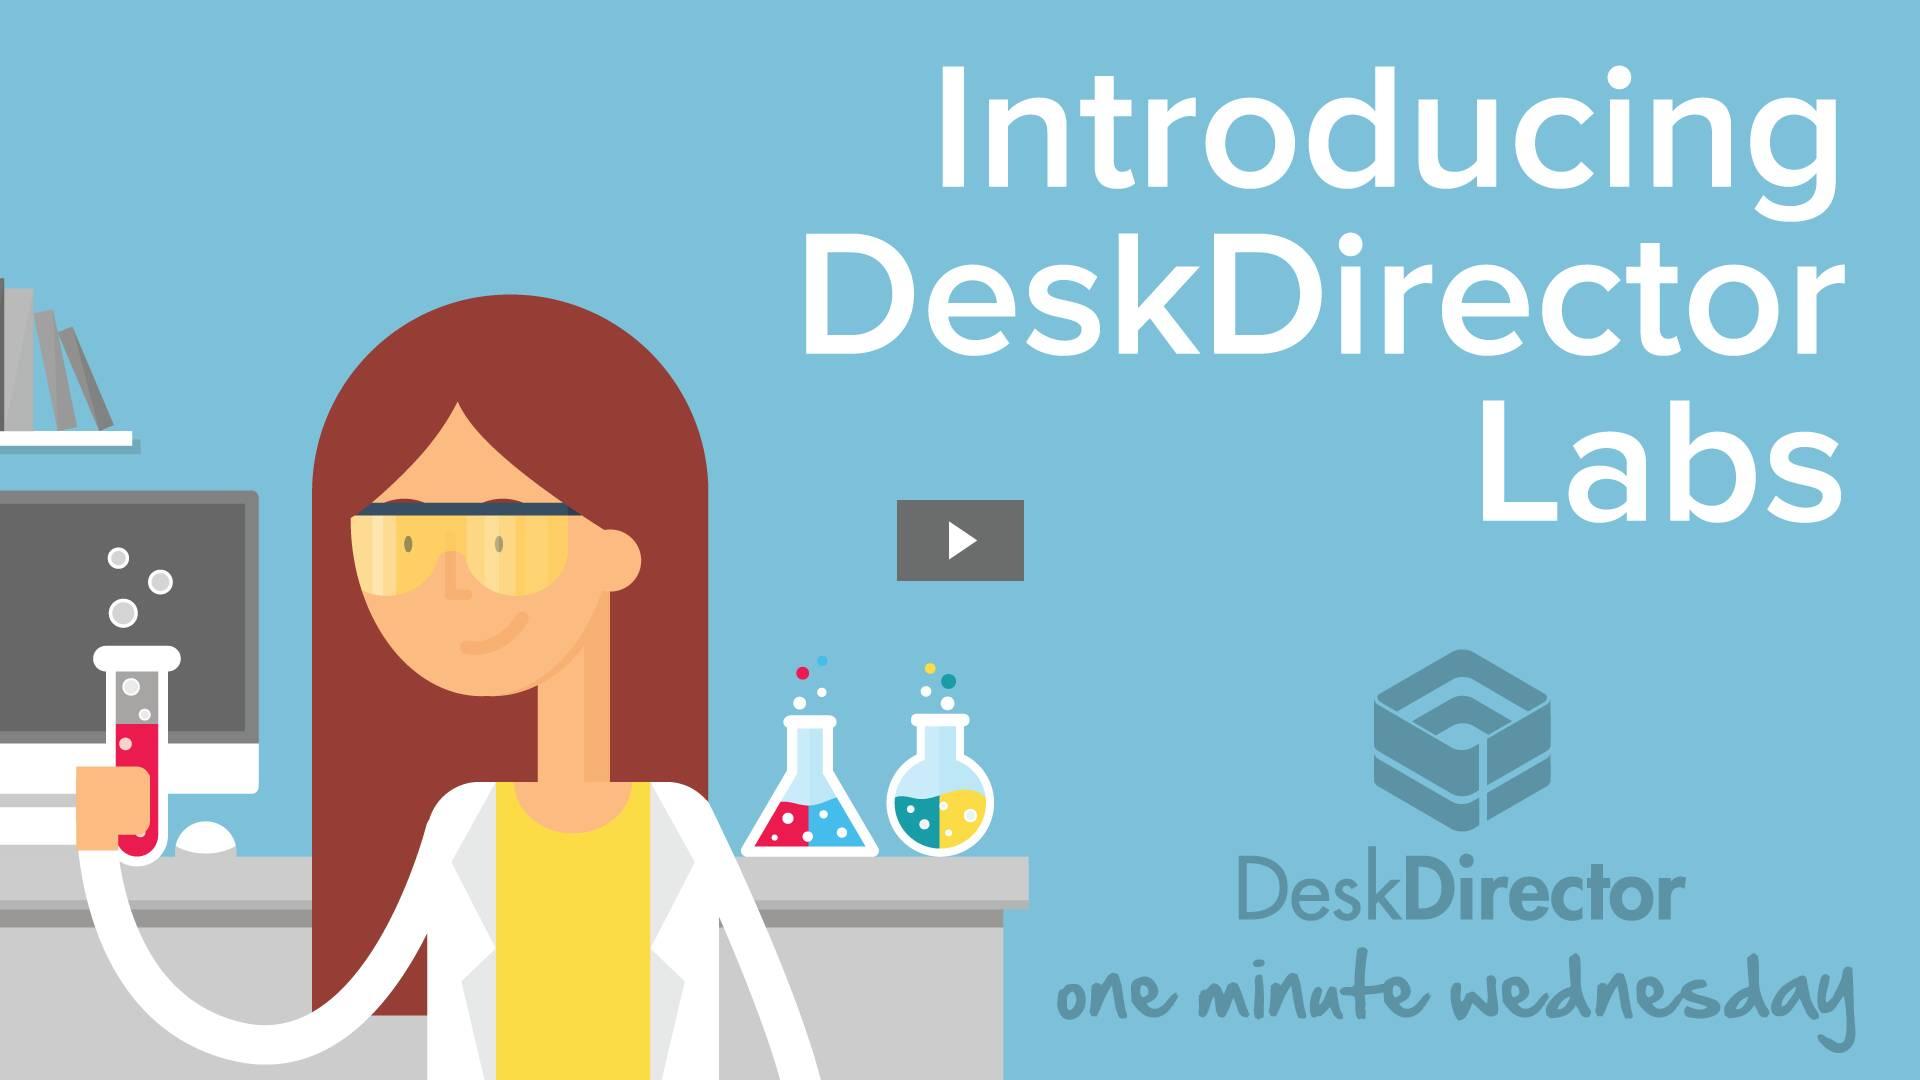 Introducing DeskDirector Labs